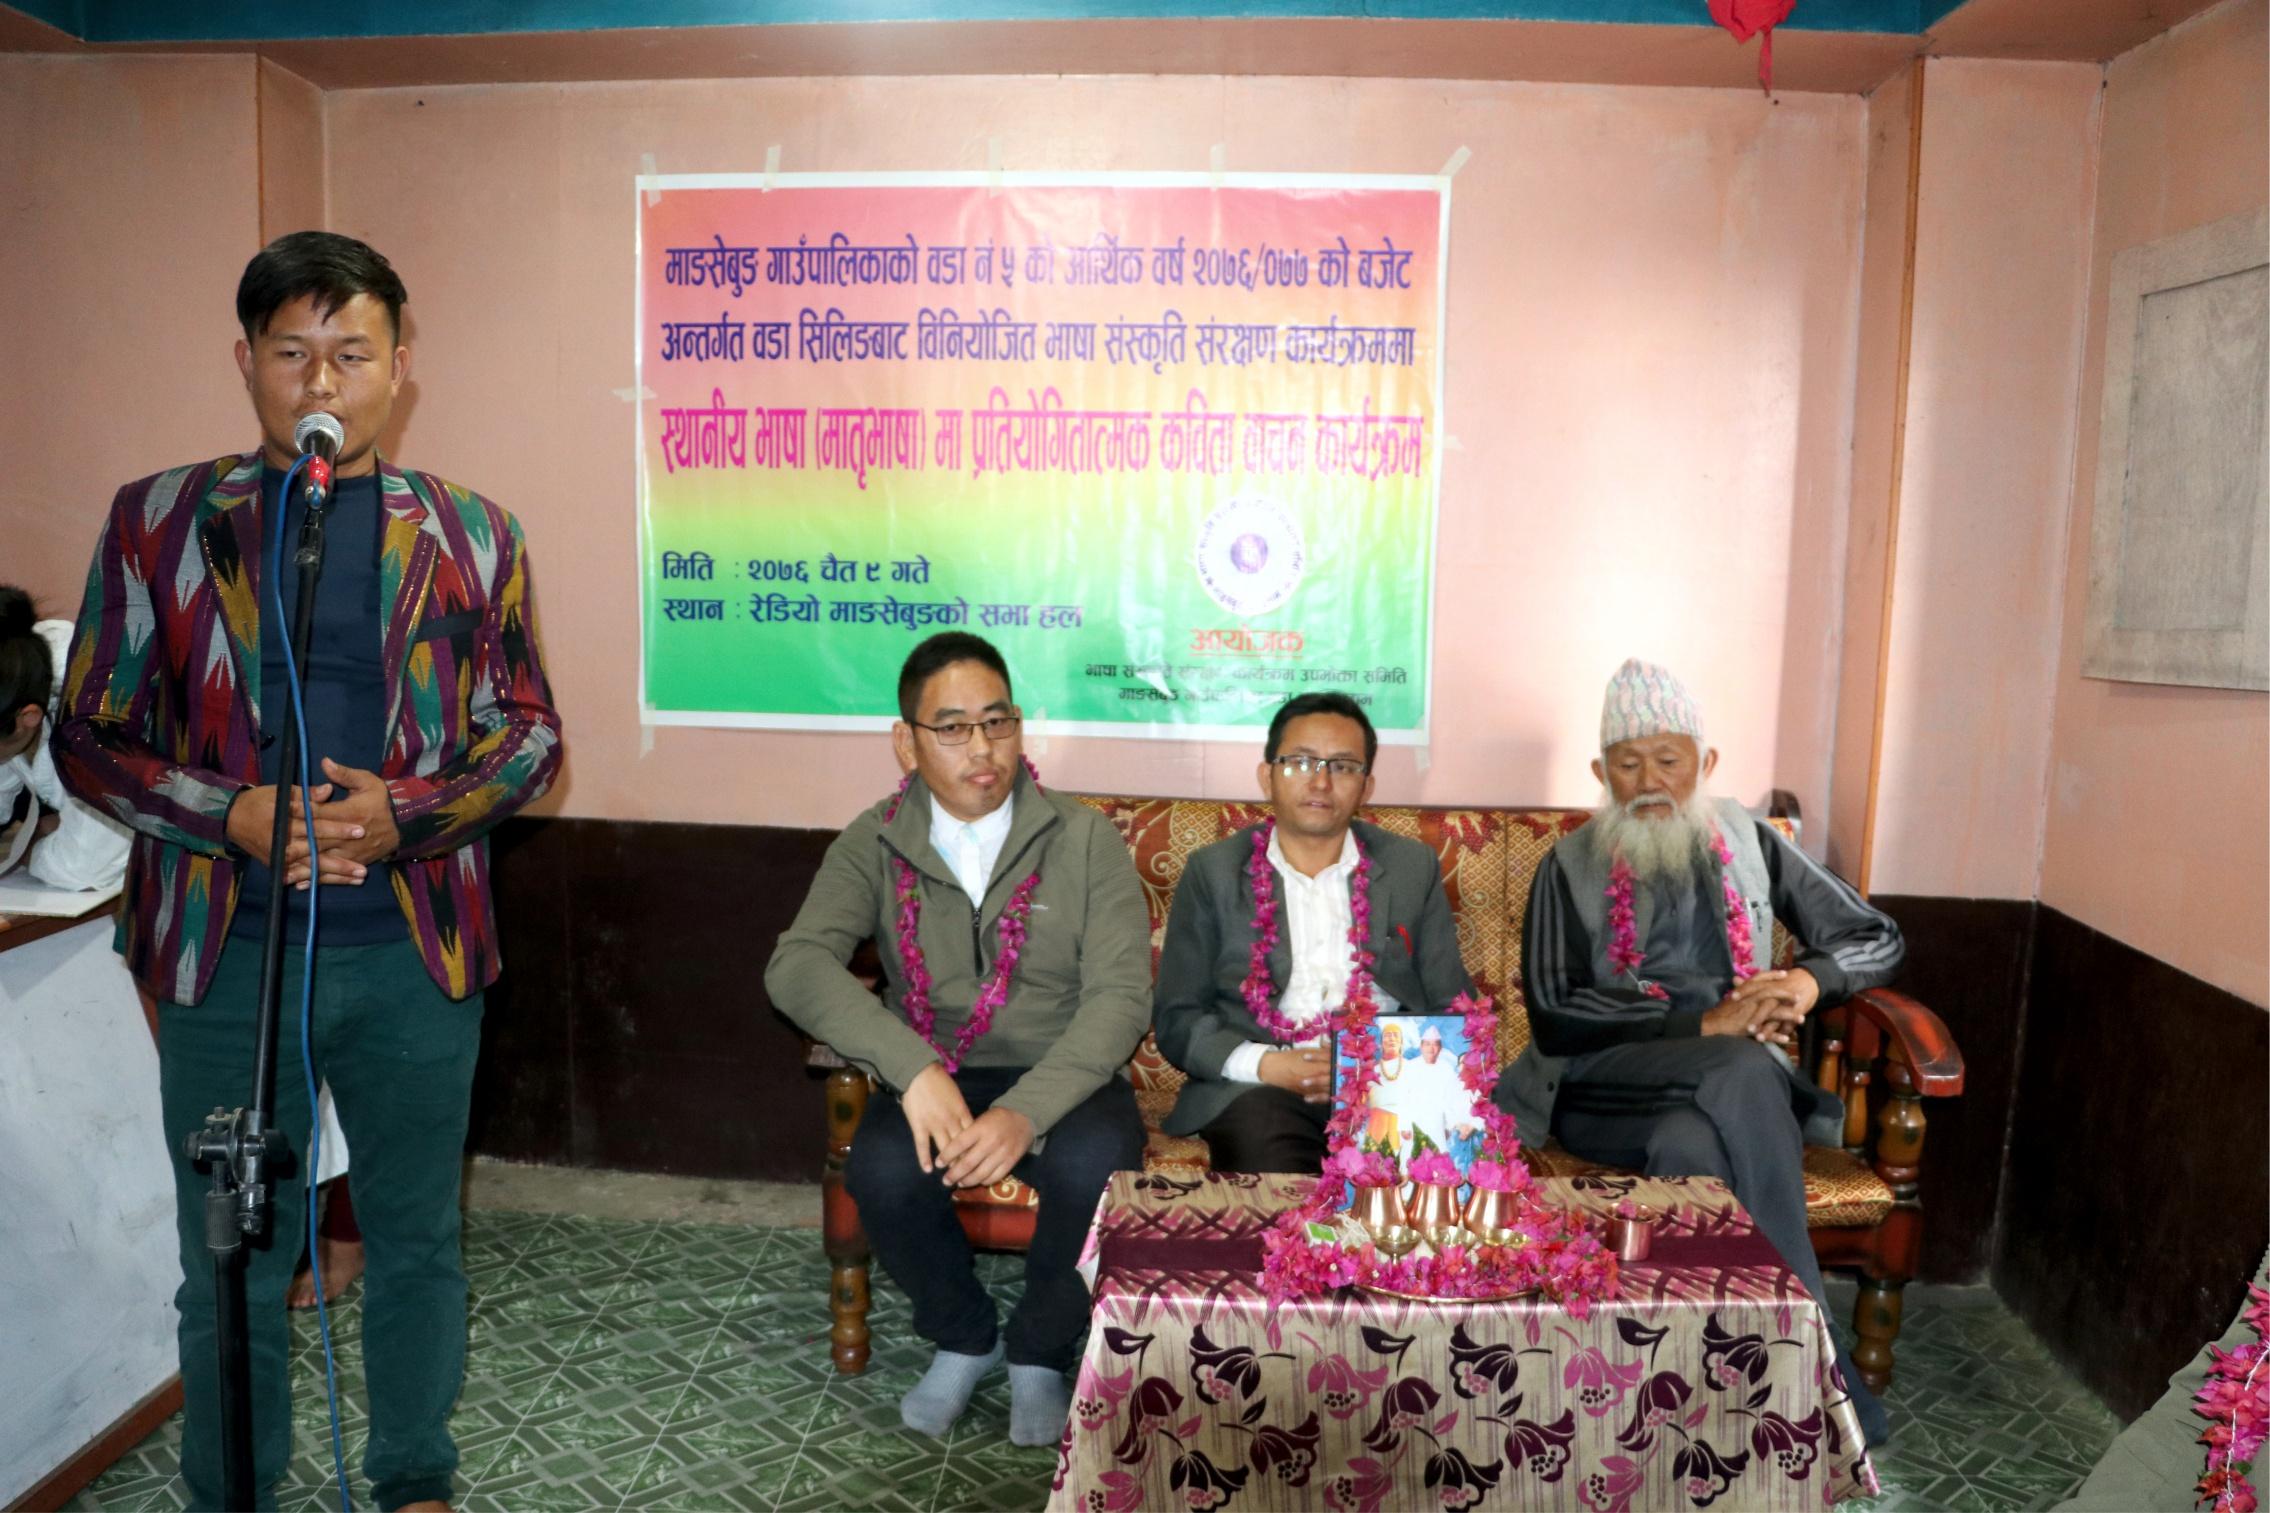 माङसेबुङमा मातृभाषामा कवि गोष्ठी सम्पन्न(फोटो फिचर सहित)